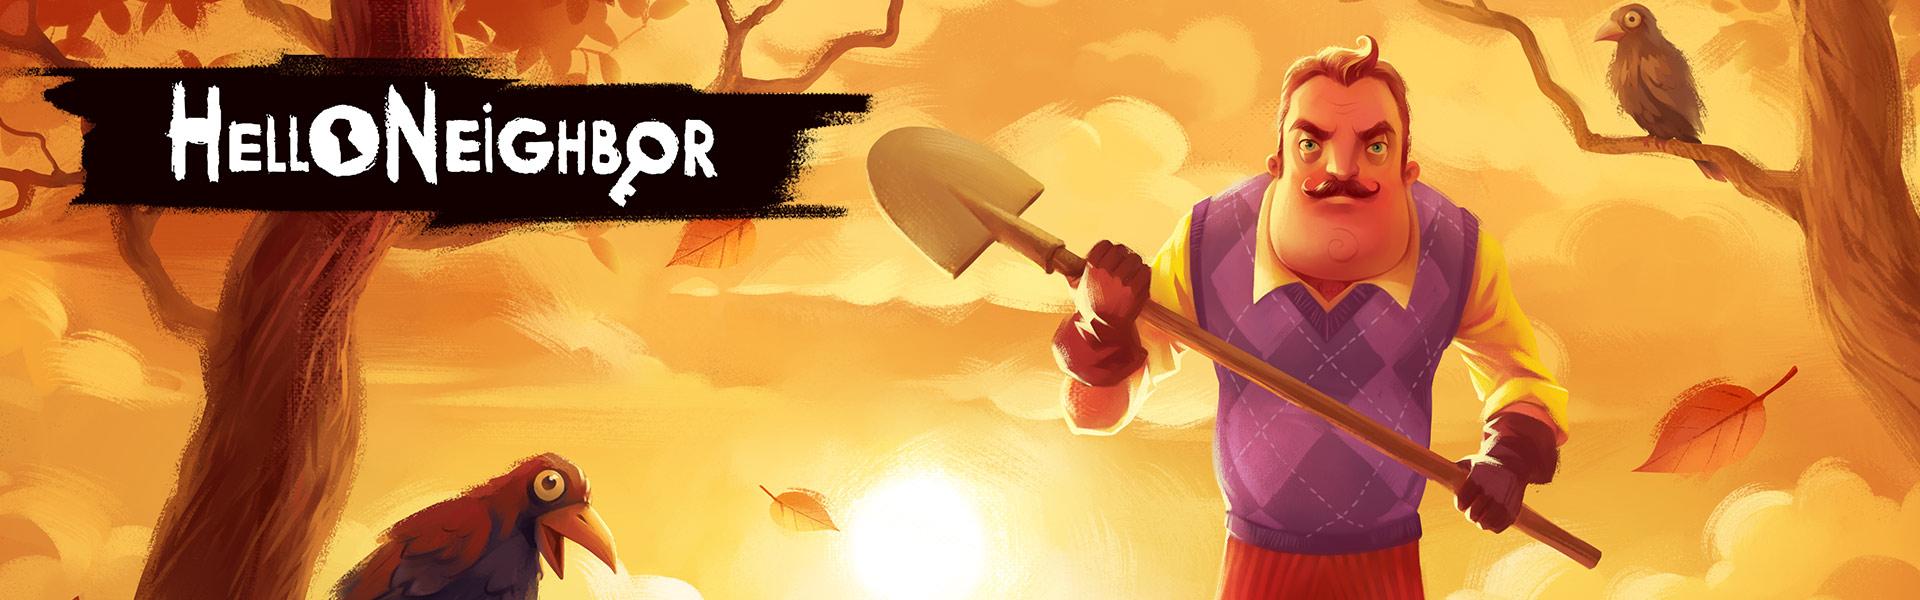 Een personage uit Hello Neighbor staat buiten met een schop in zijn handen, achter hem staan bomen met kraaien